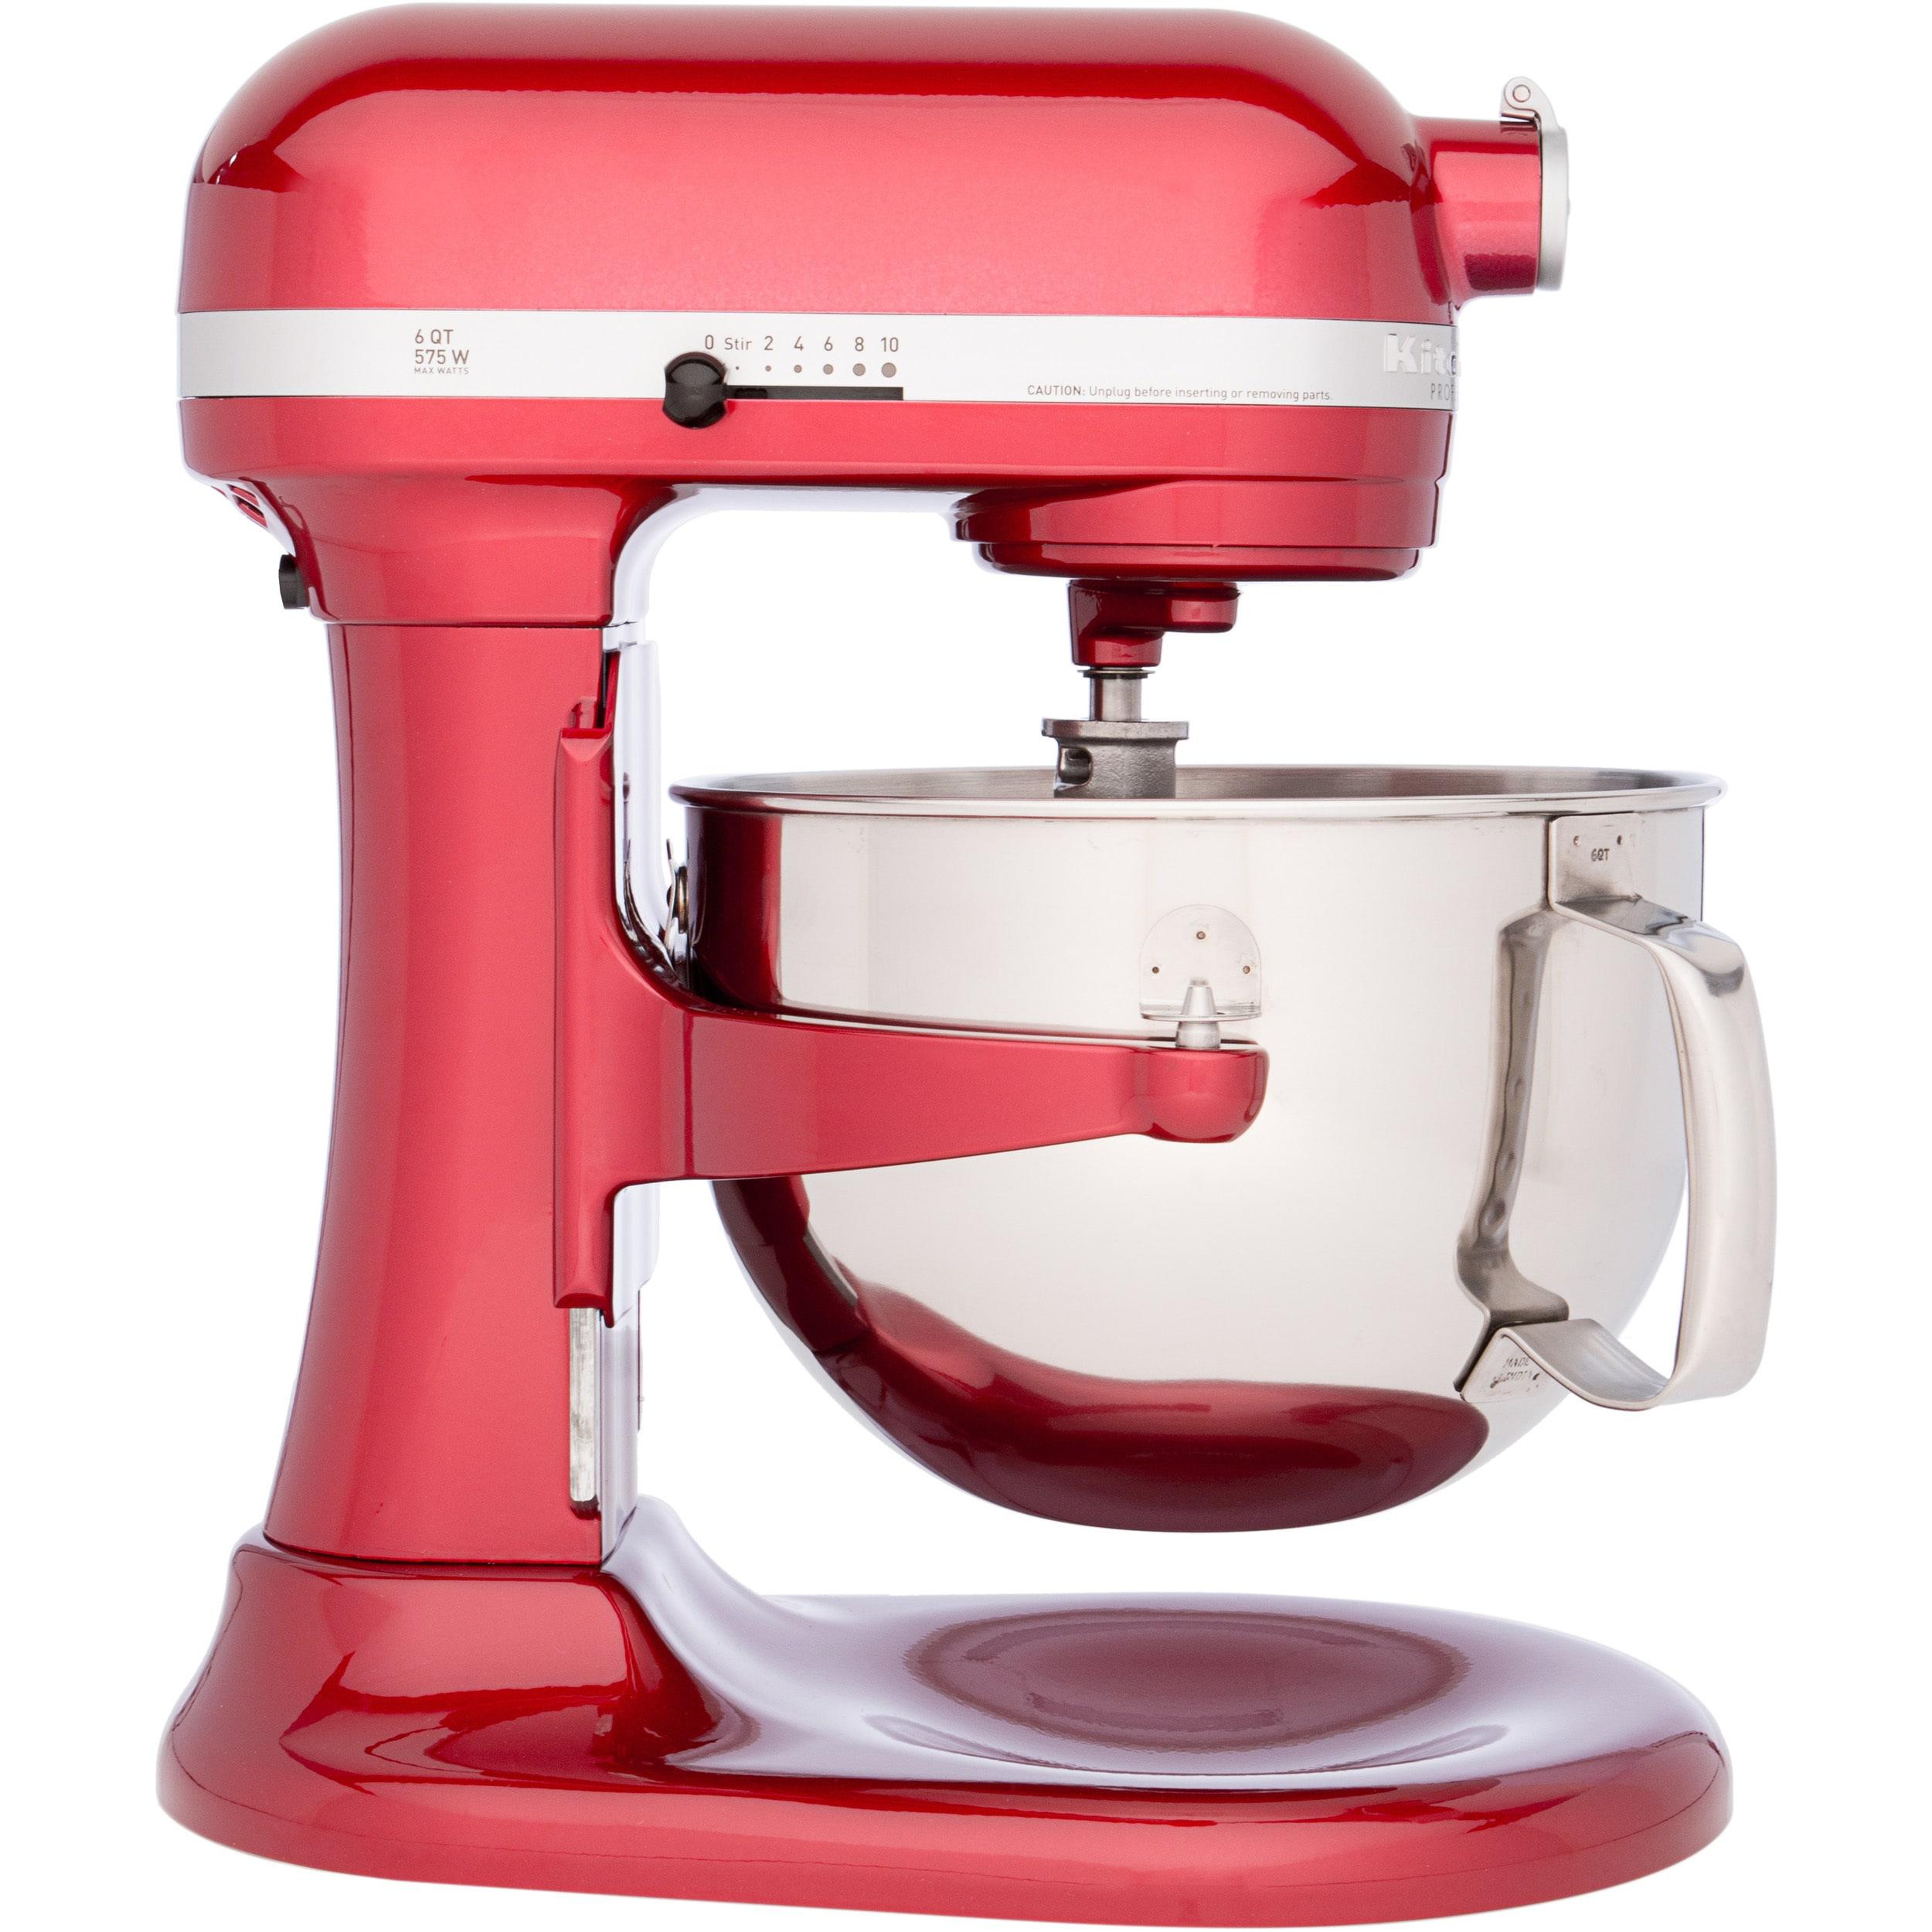 Quart Kitchenaid Mixer Vs on 6 quart pressure cooker, 6 quart oven, 6 quart kettle, 6 quart stand mixers, 6 quart ice cream, 6 quart commercial mixer, 6 quart le creuset,